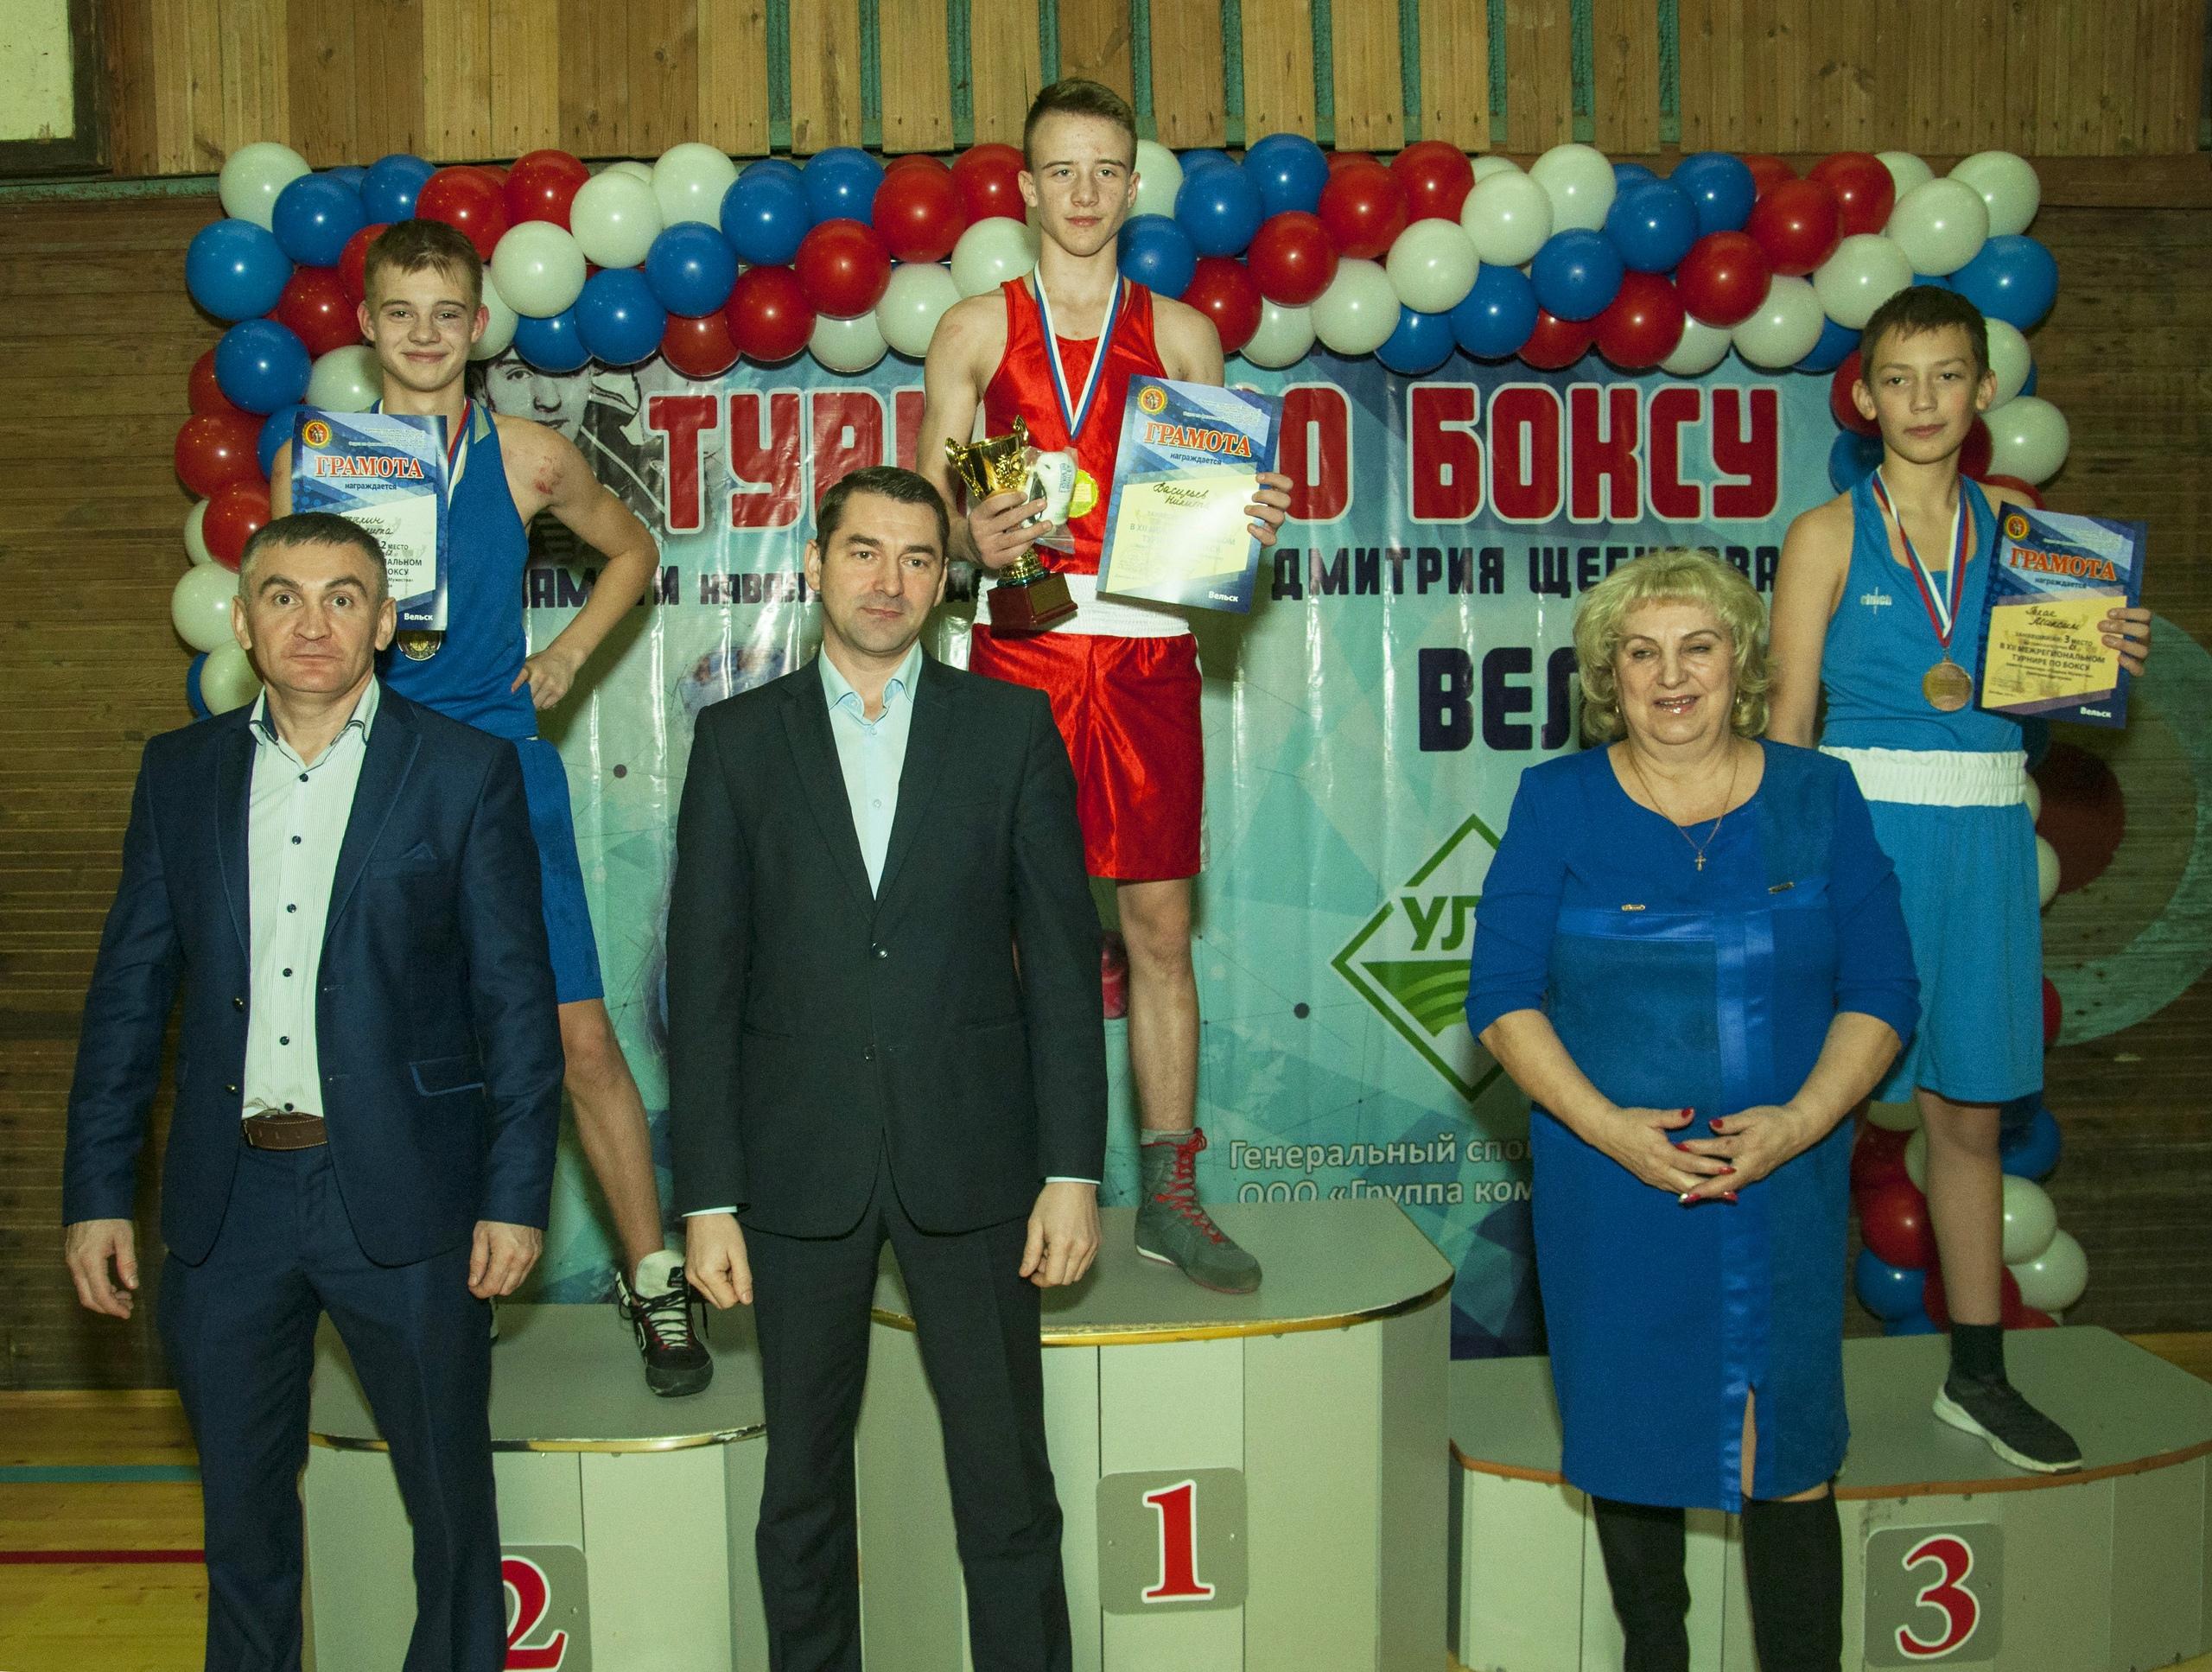 Щегурова 2019_3